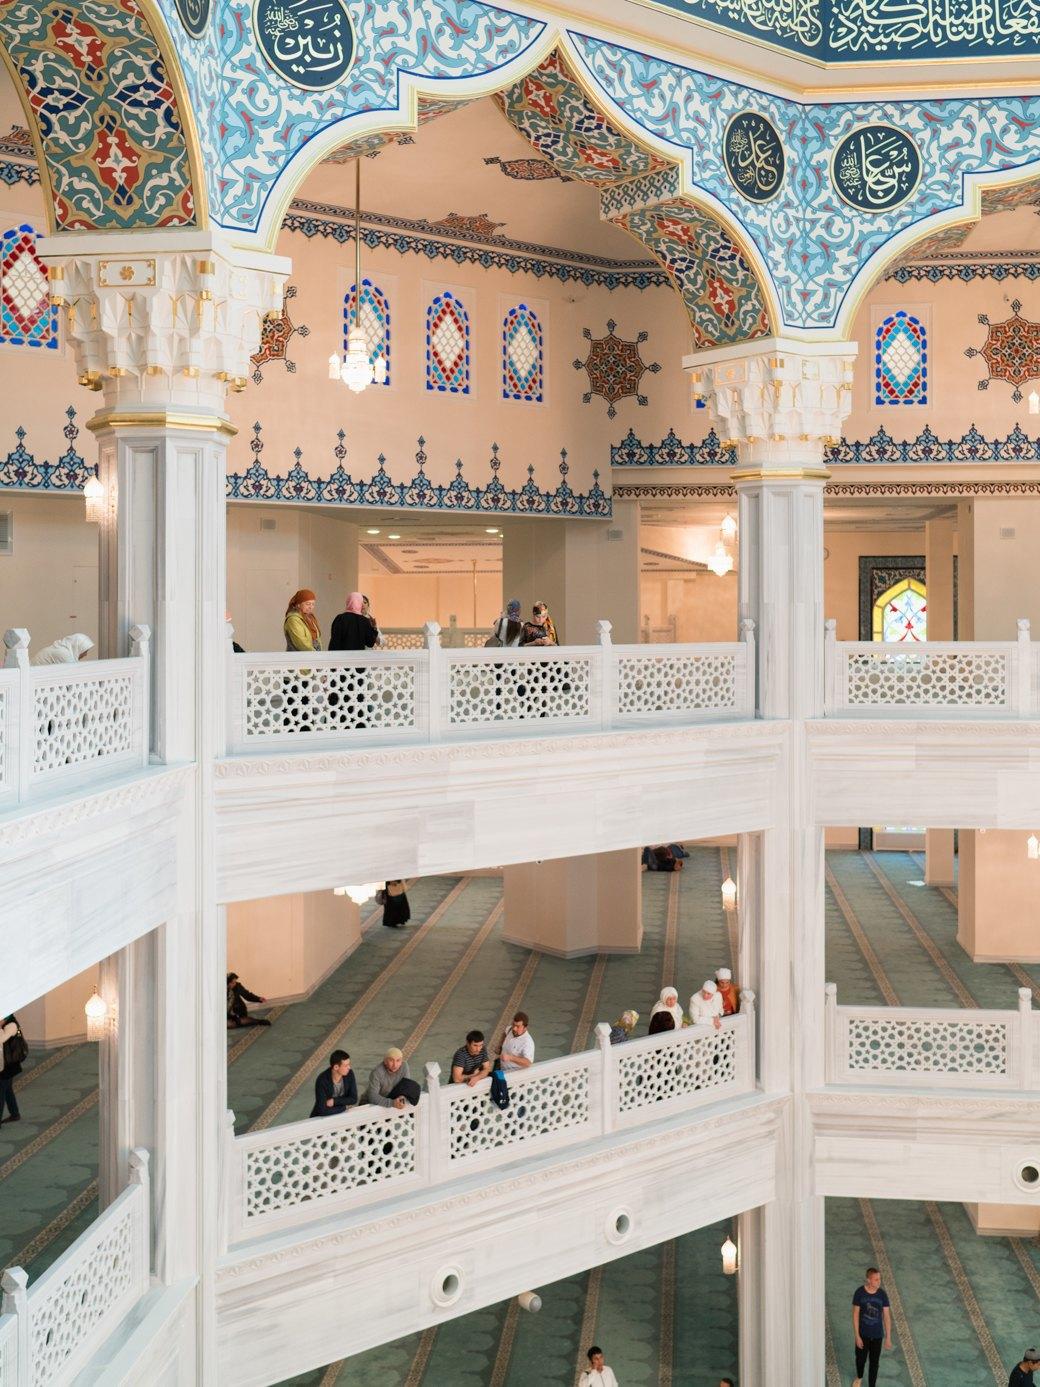 80-метровые минареты иместо для 10тысяч верующих — как выглядит Московская Соборная мечеть. Изображение № 10.